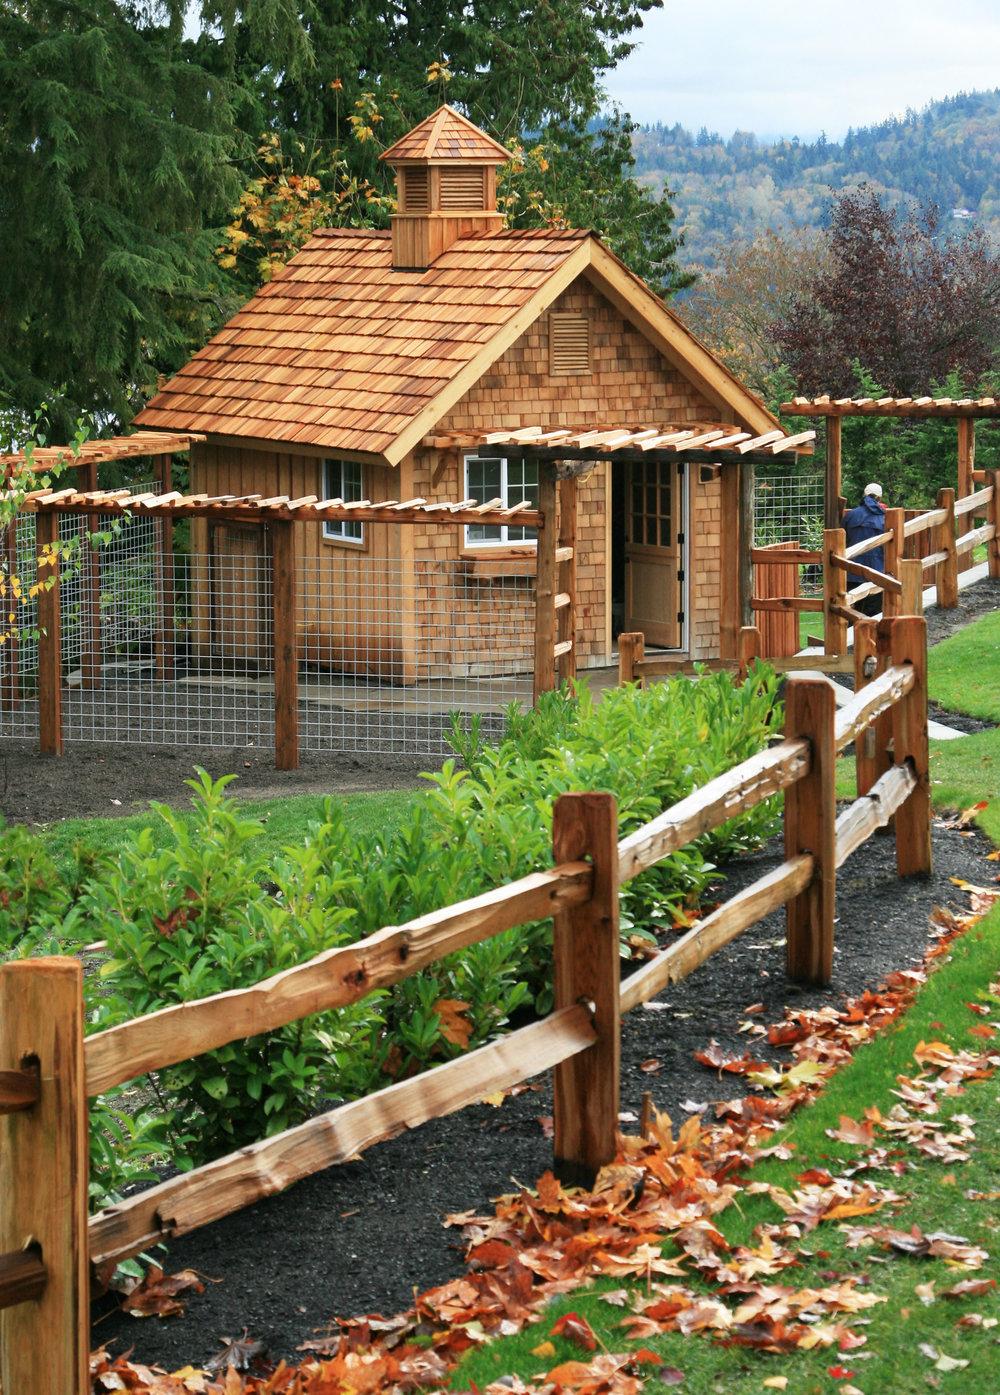 22jaeger garden shed2 - Edited.jpg